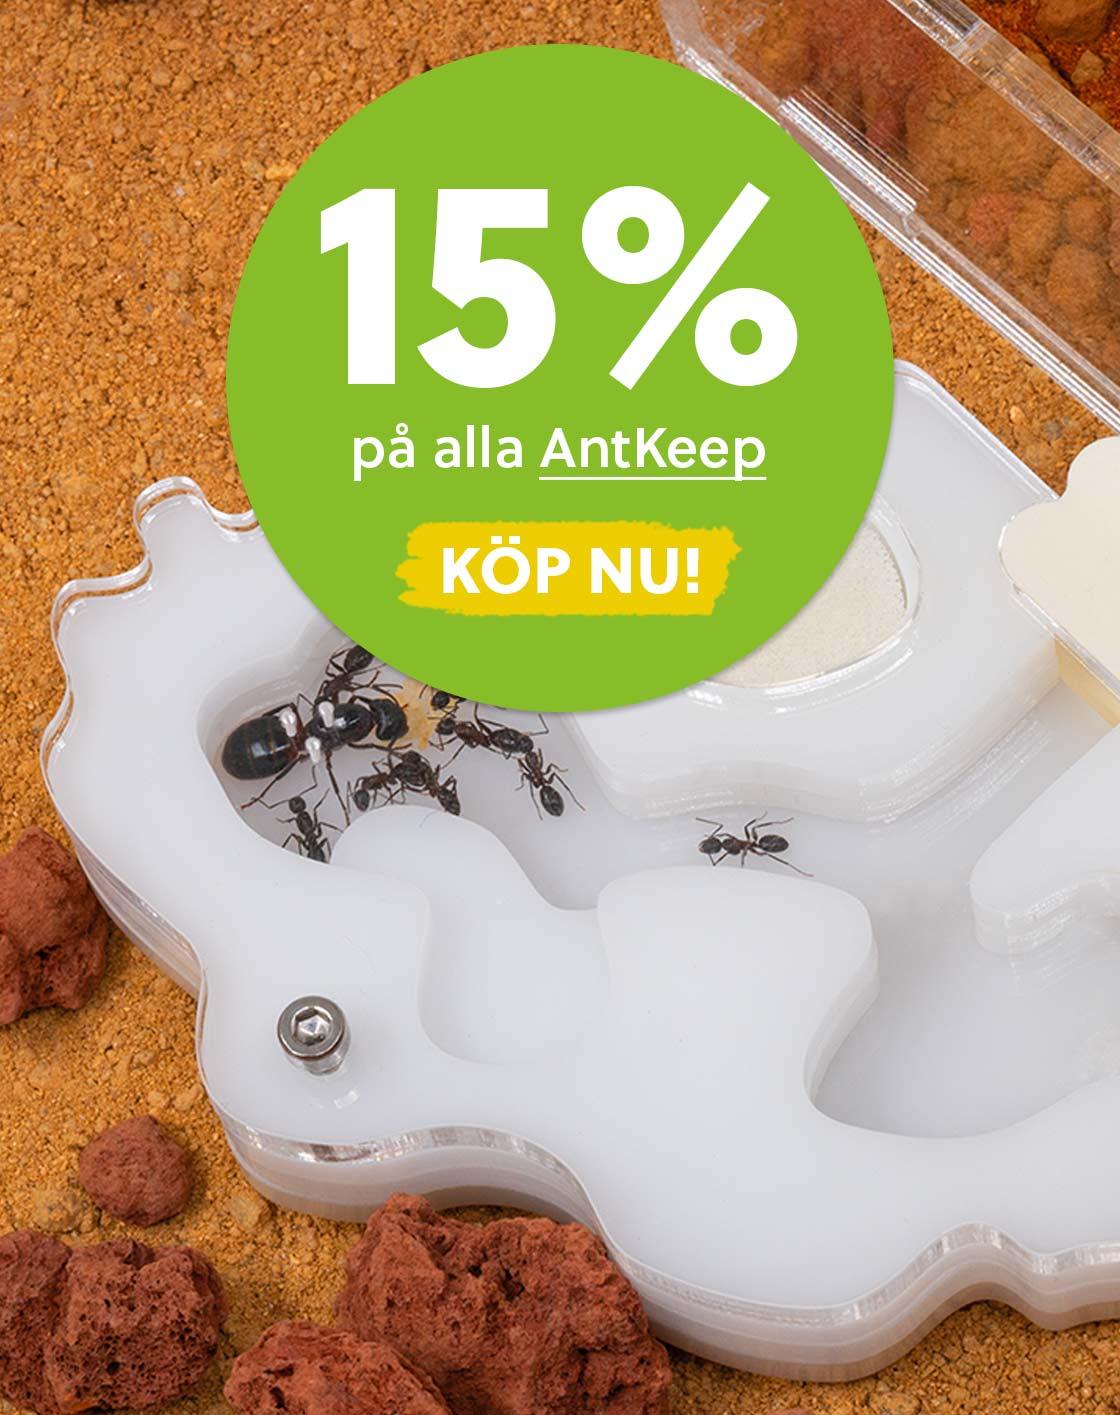 antkeepers rea 15 % antkeep